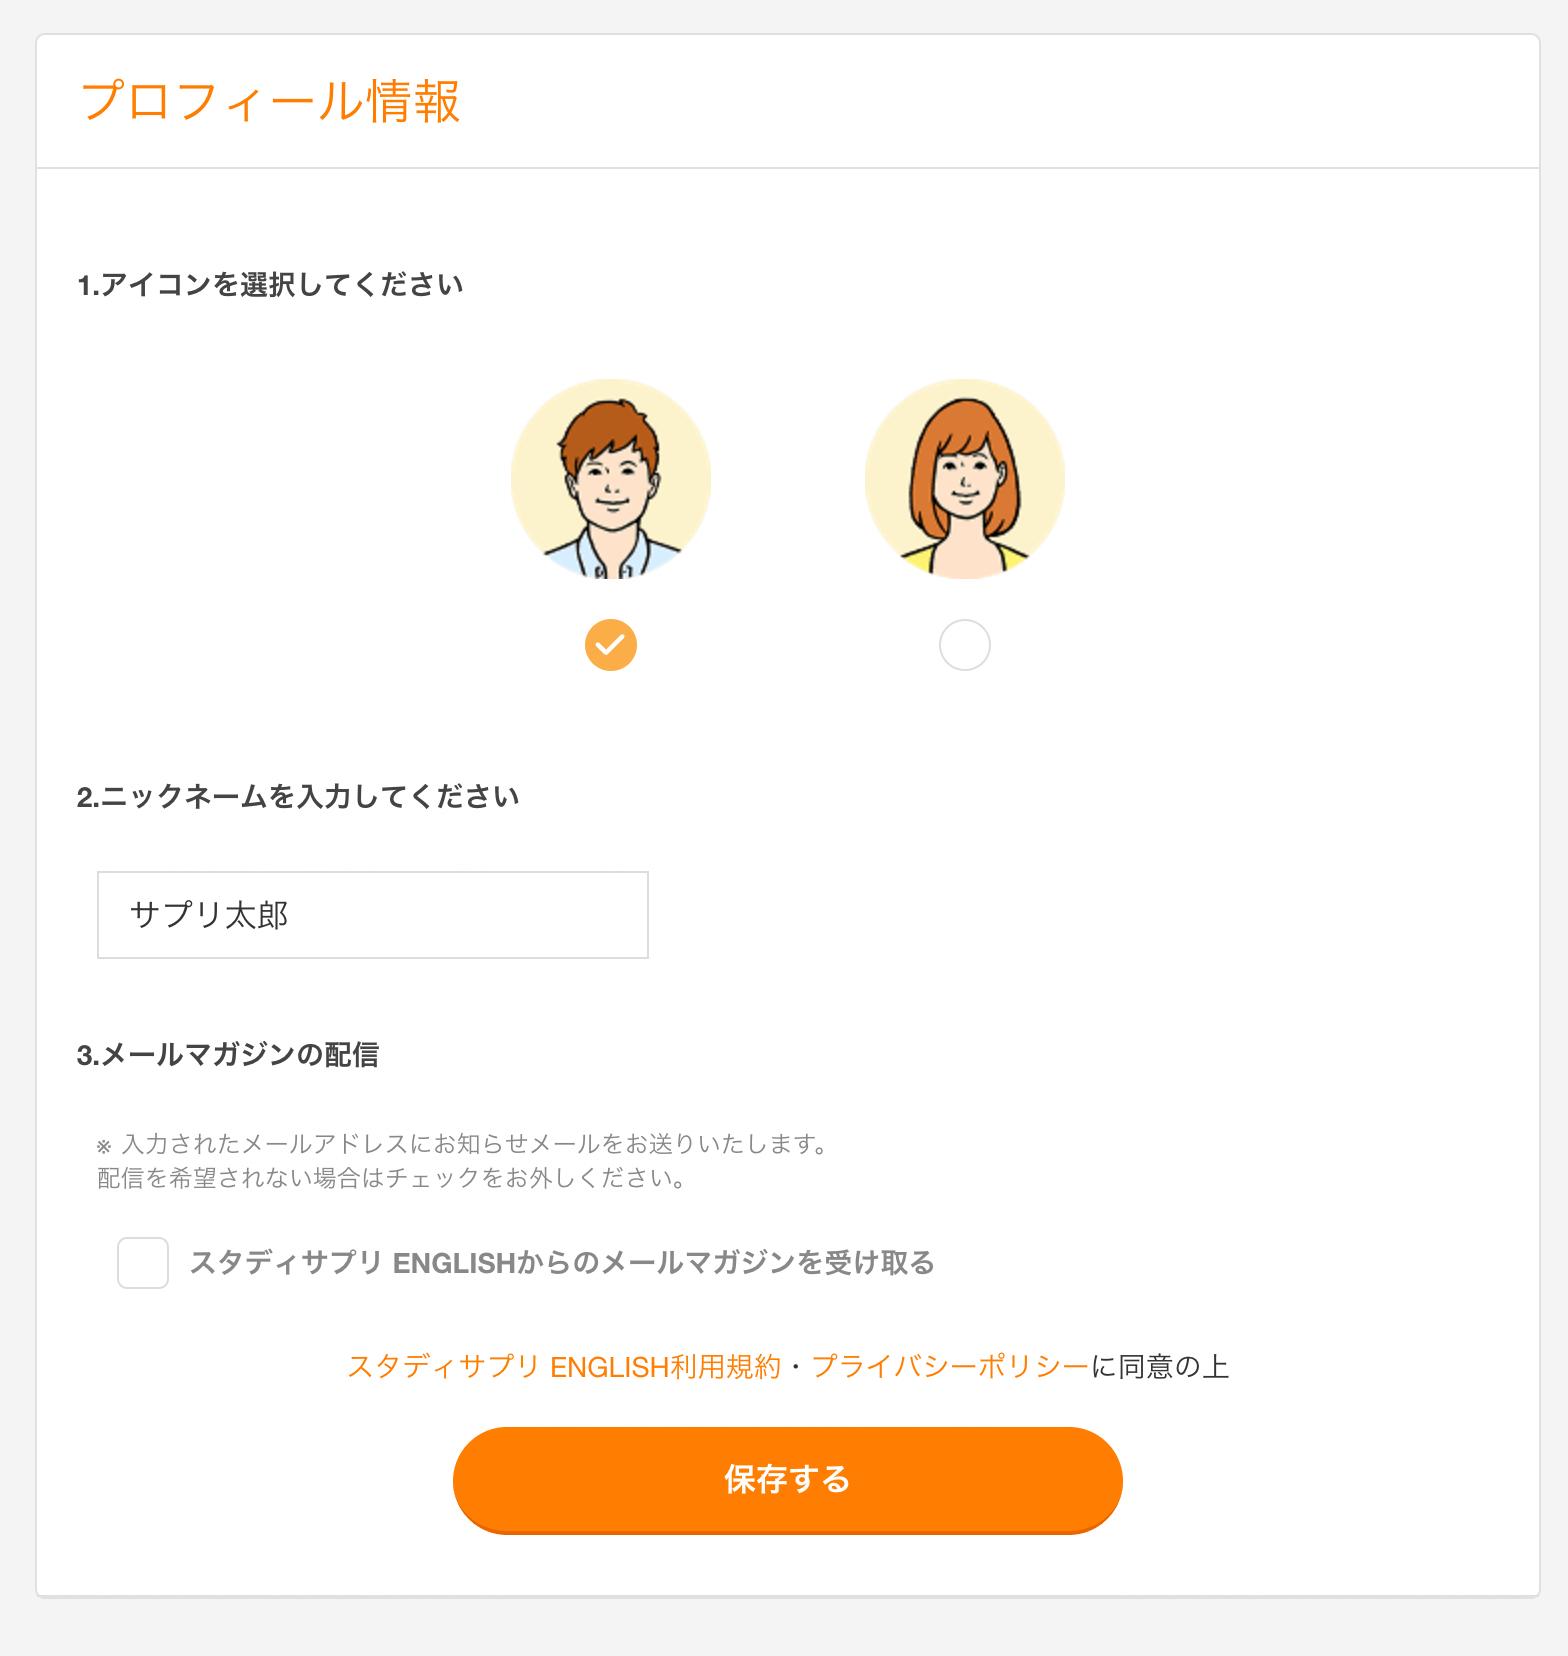 会員情報の確認 I スタディサプリ ENGLISH